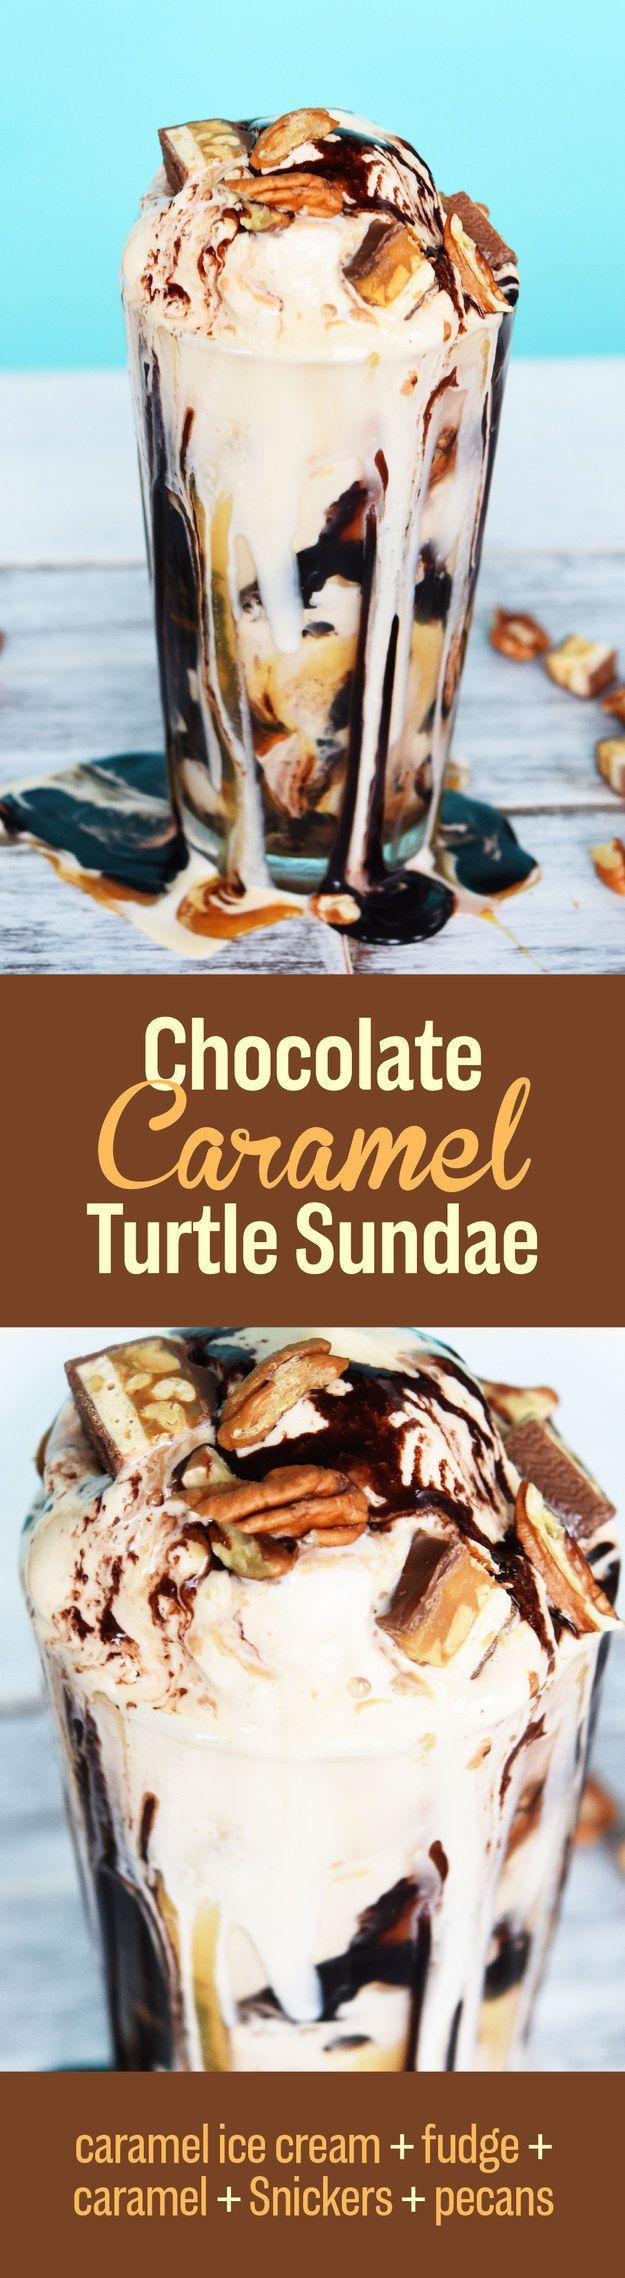 Chocolate Caramel Turtle Sundae | These Ice Cream Sundaes Will Change Your Life